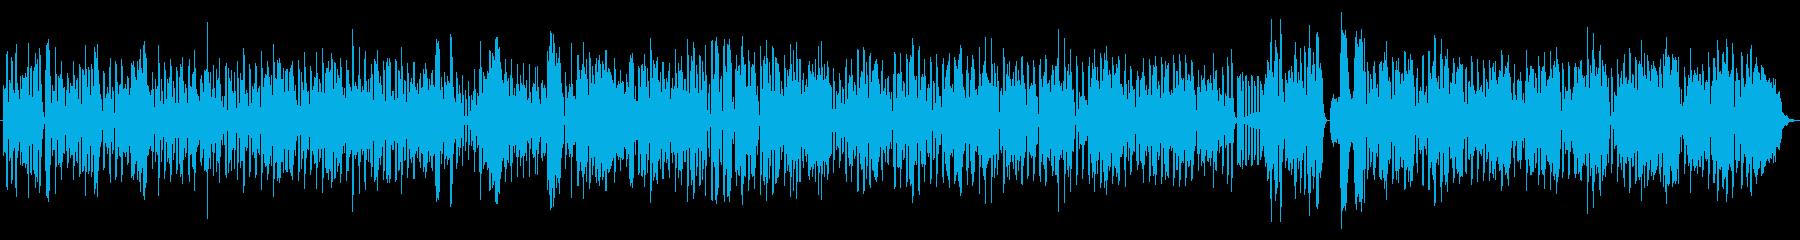 フランスのマヌーシュ・ジャズのイメージの再生済みの波形